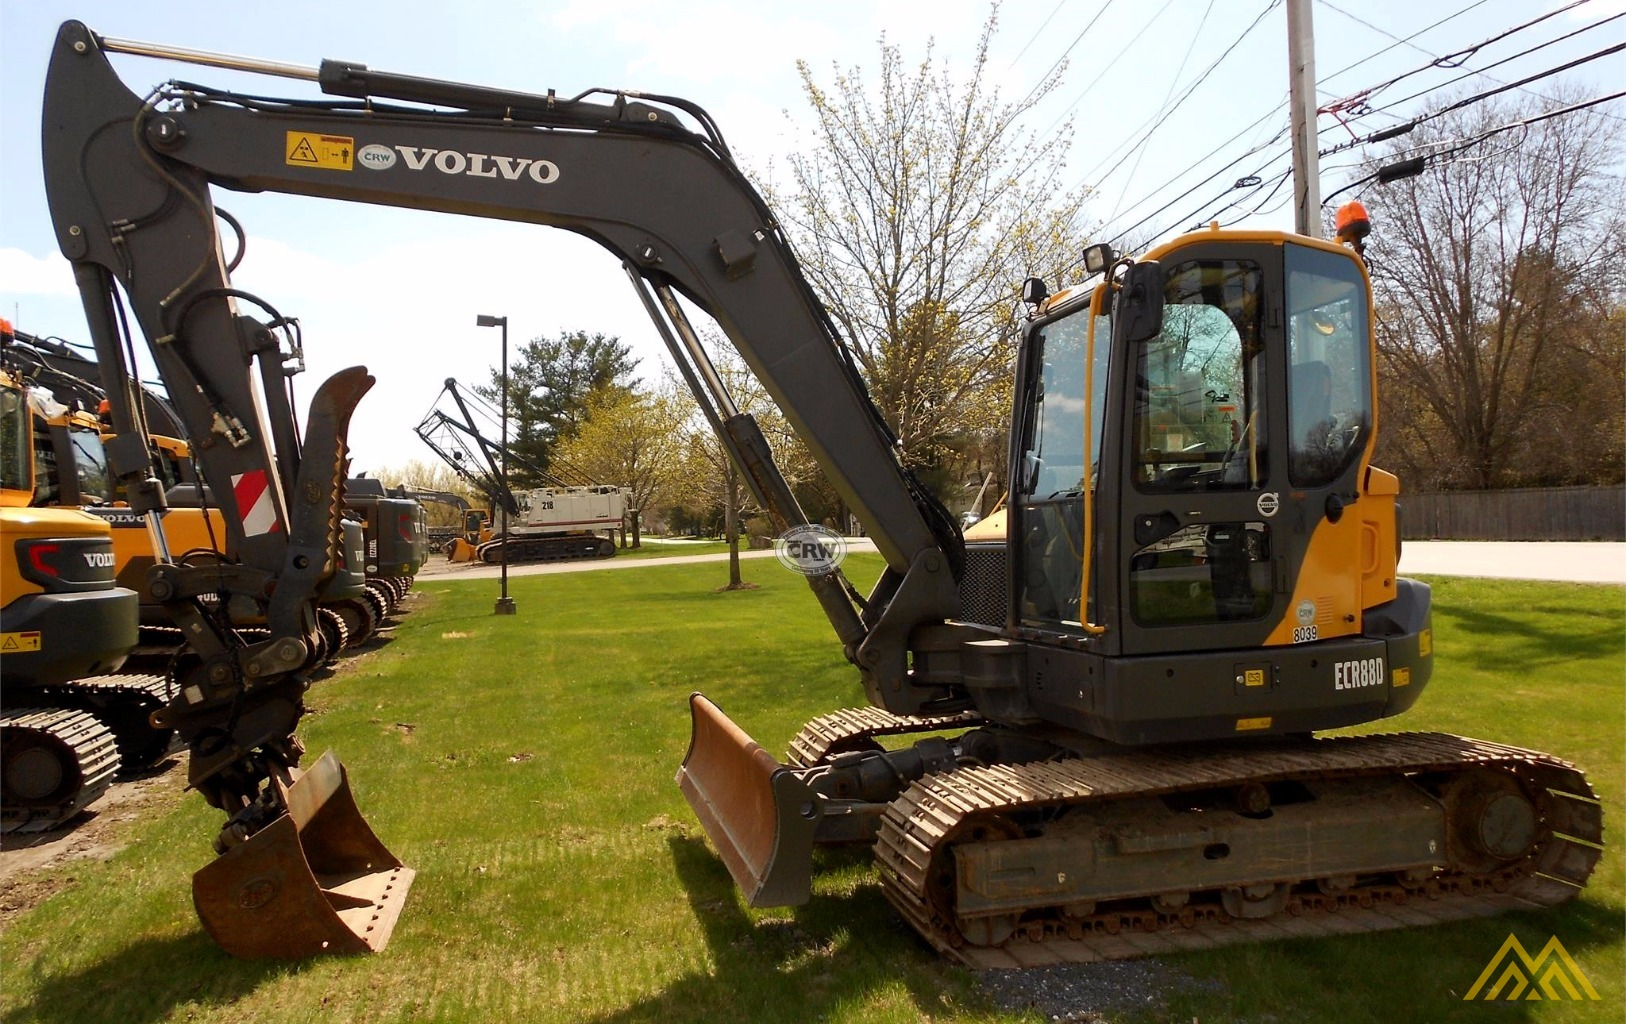 Volvo ECR88D Compact Excavator 3